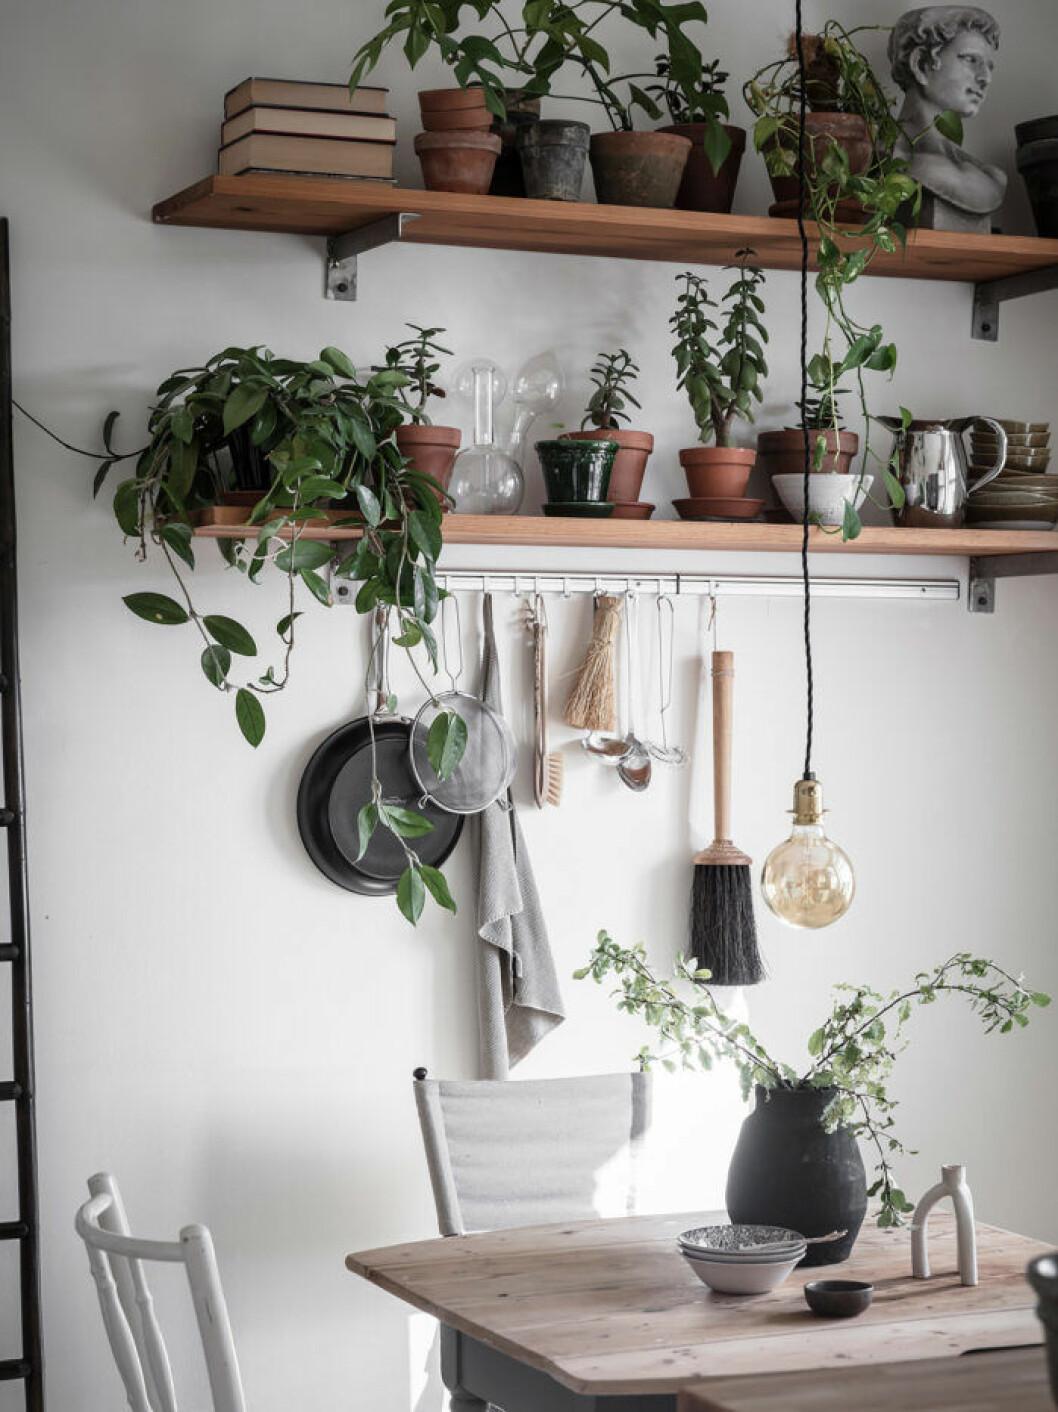 Naturmaterial och växter i köket